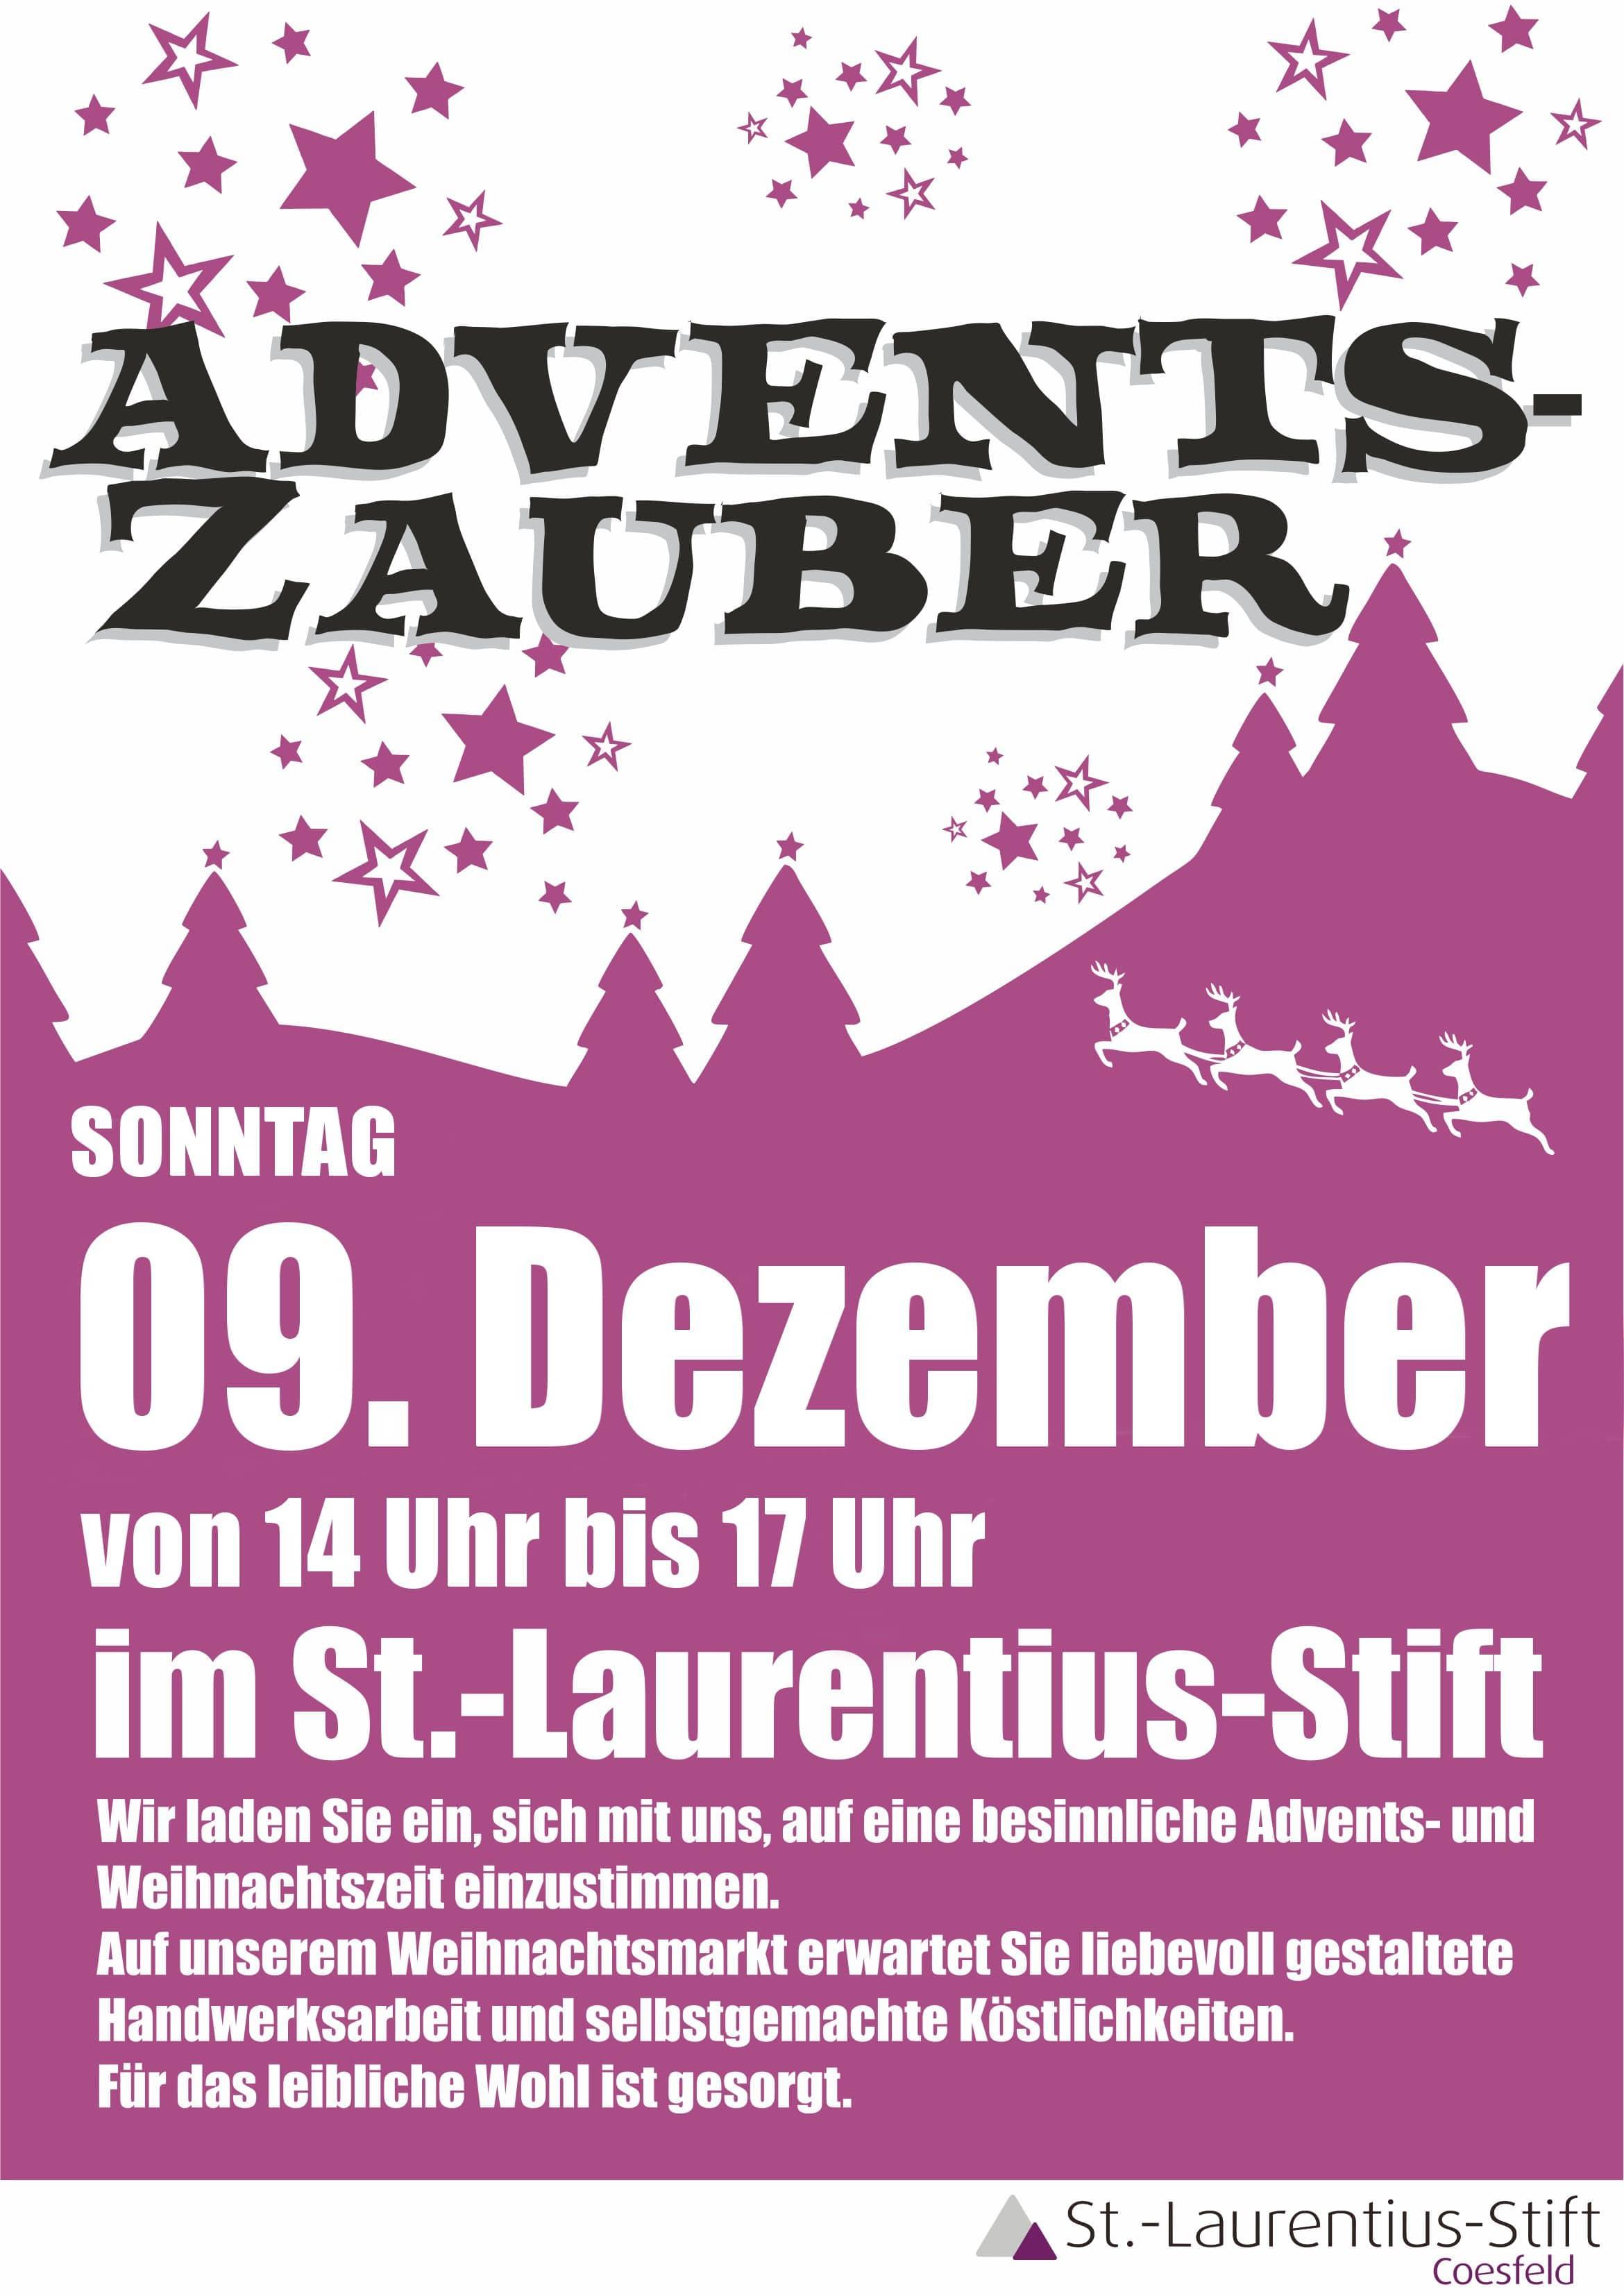 Adventszauber St.-Laurentius-Stift